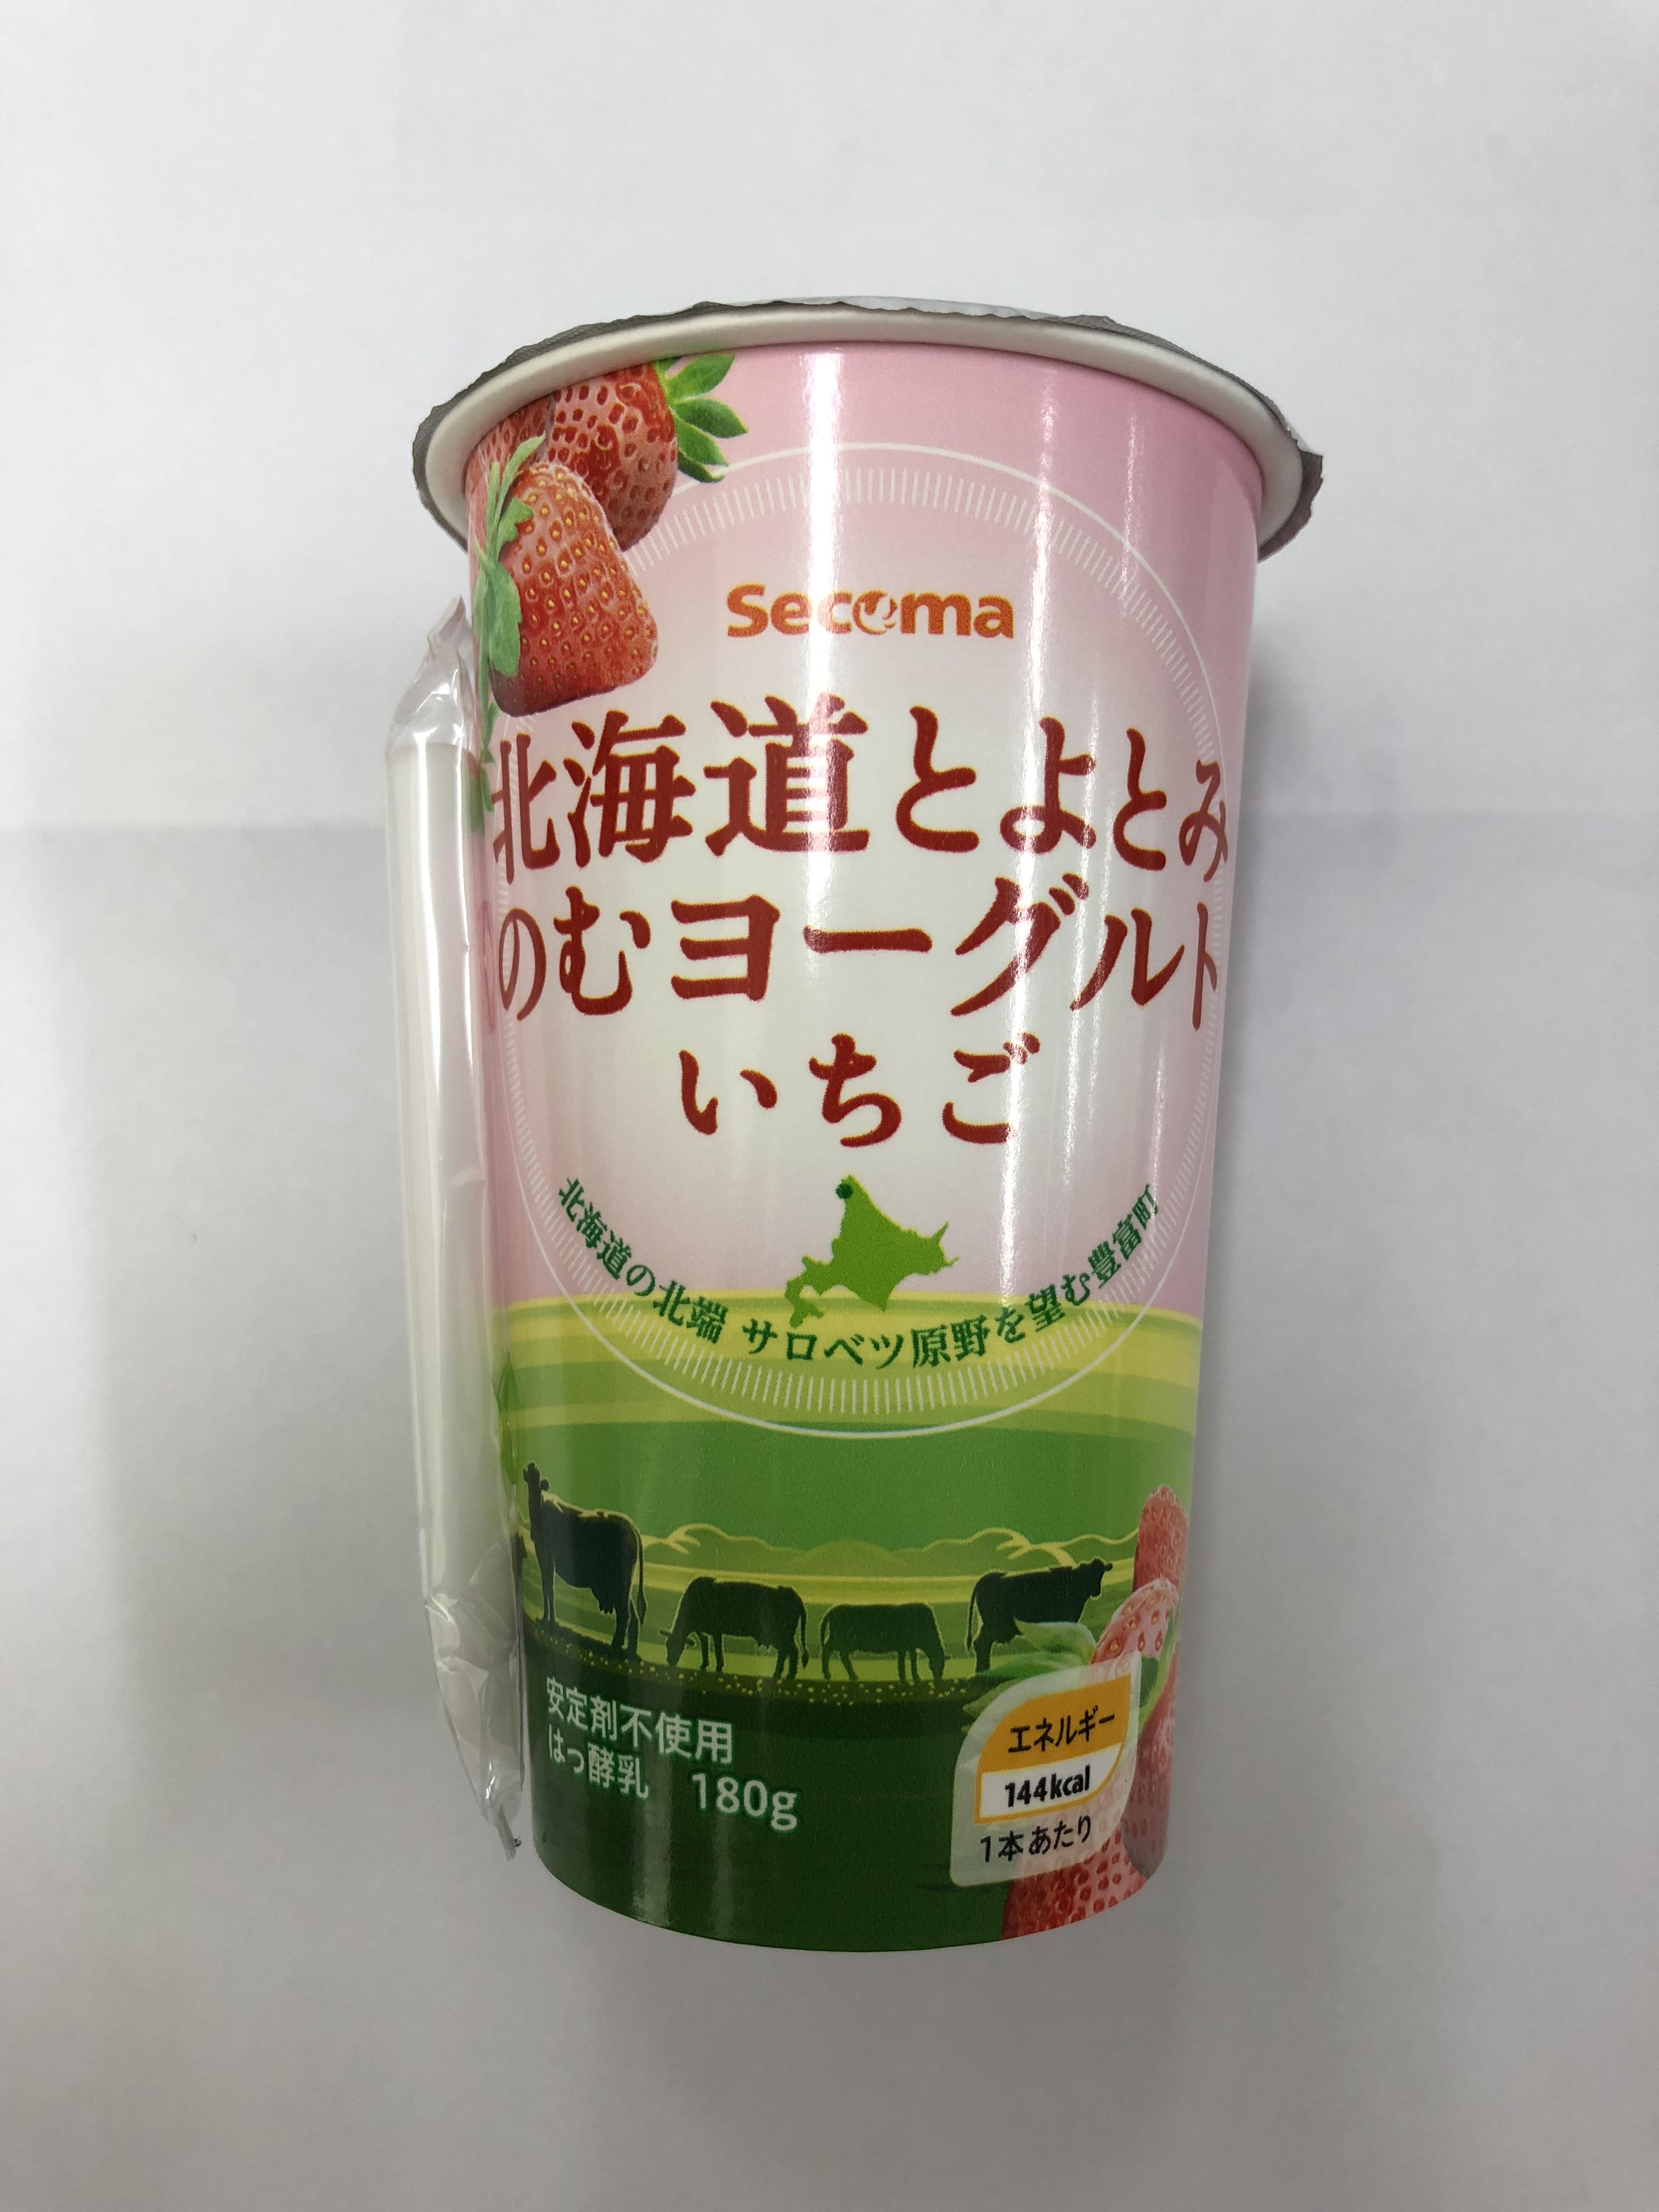 セコマ【北海道とよとみ のむヨーグルト いちご】